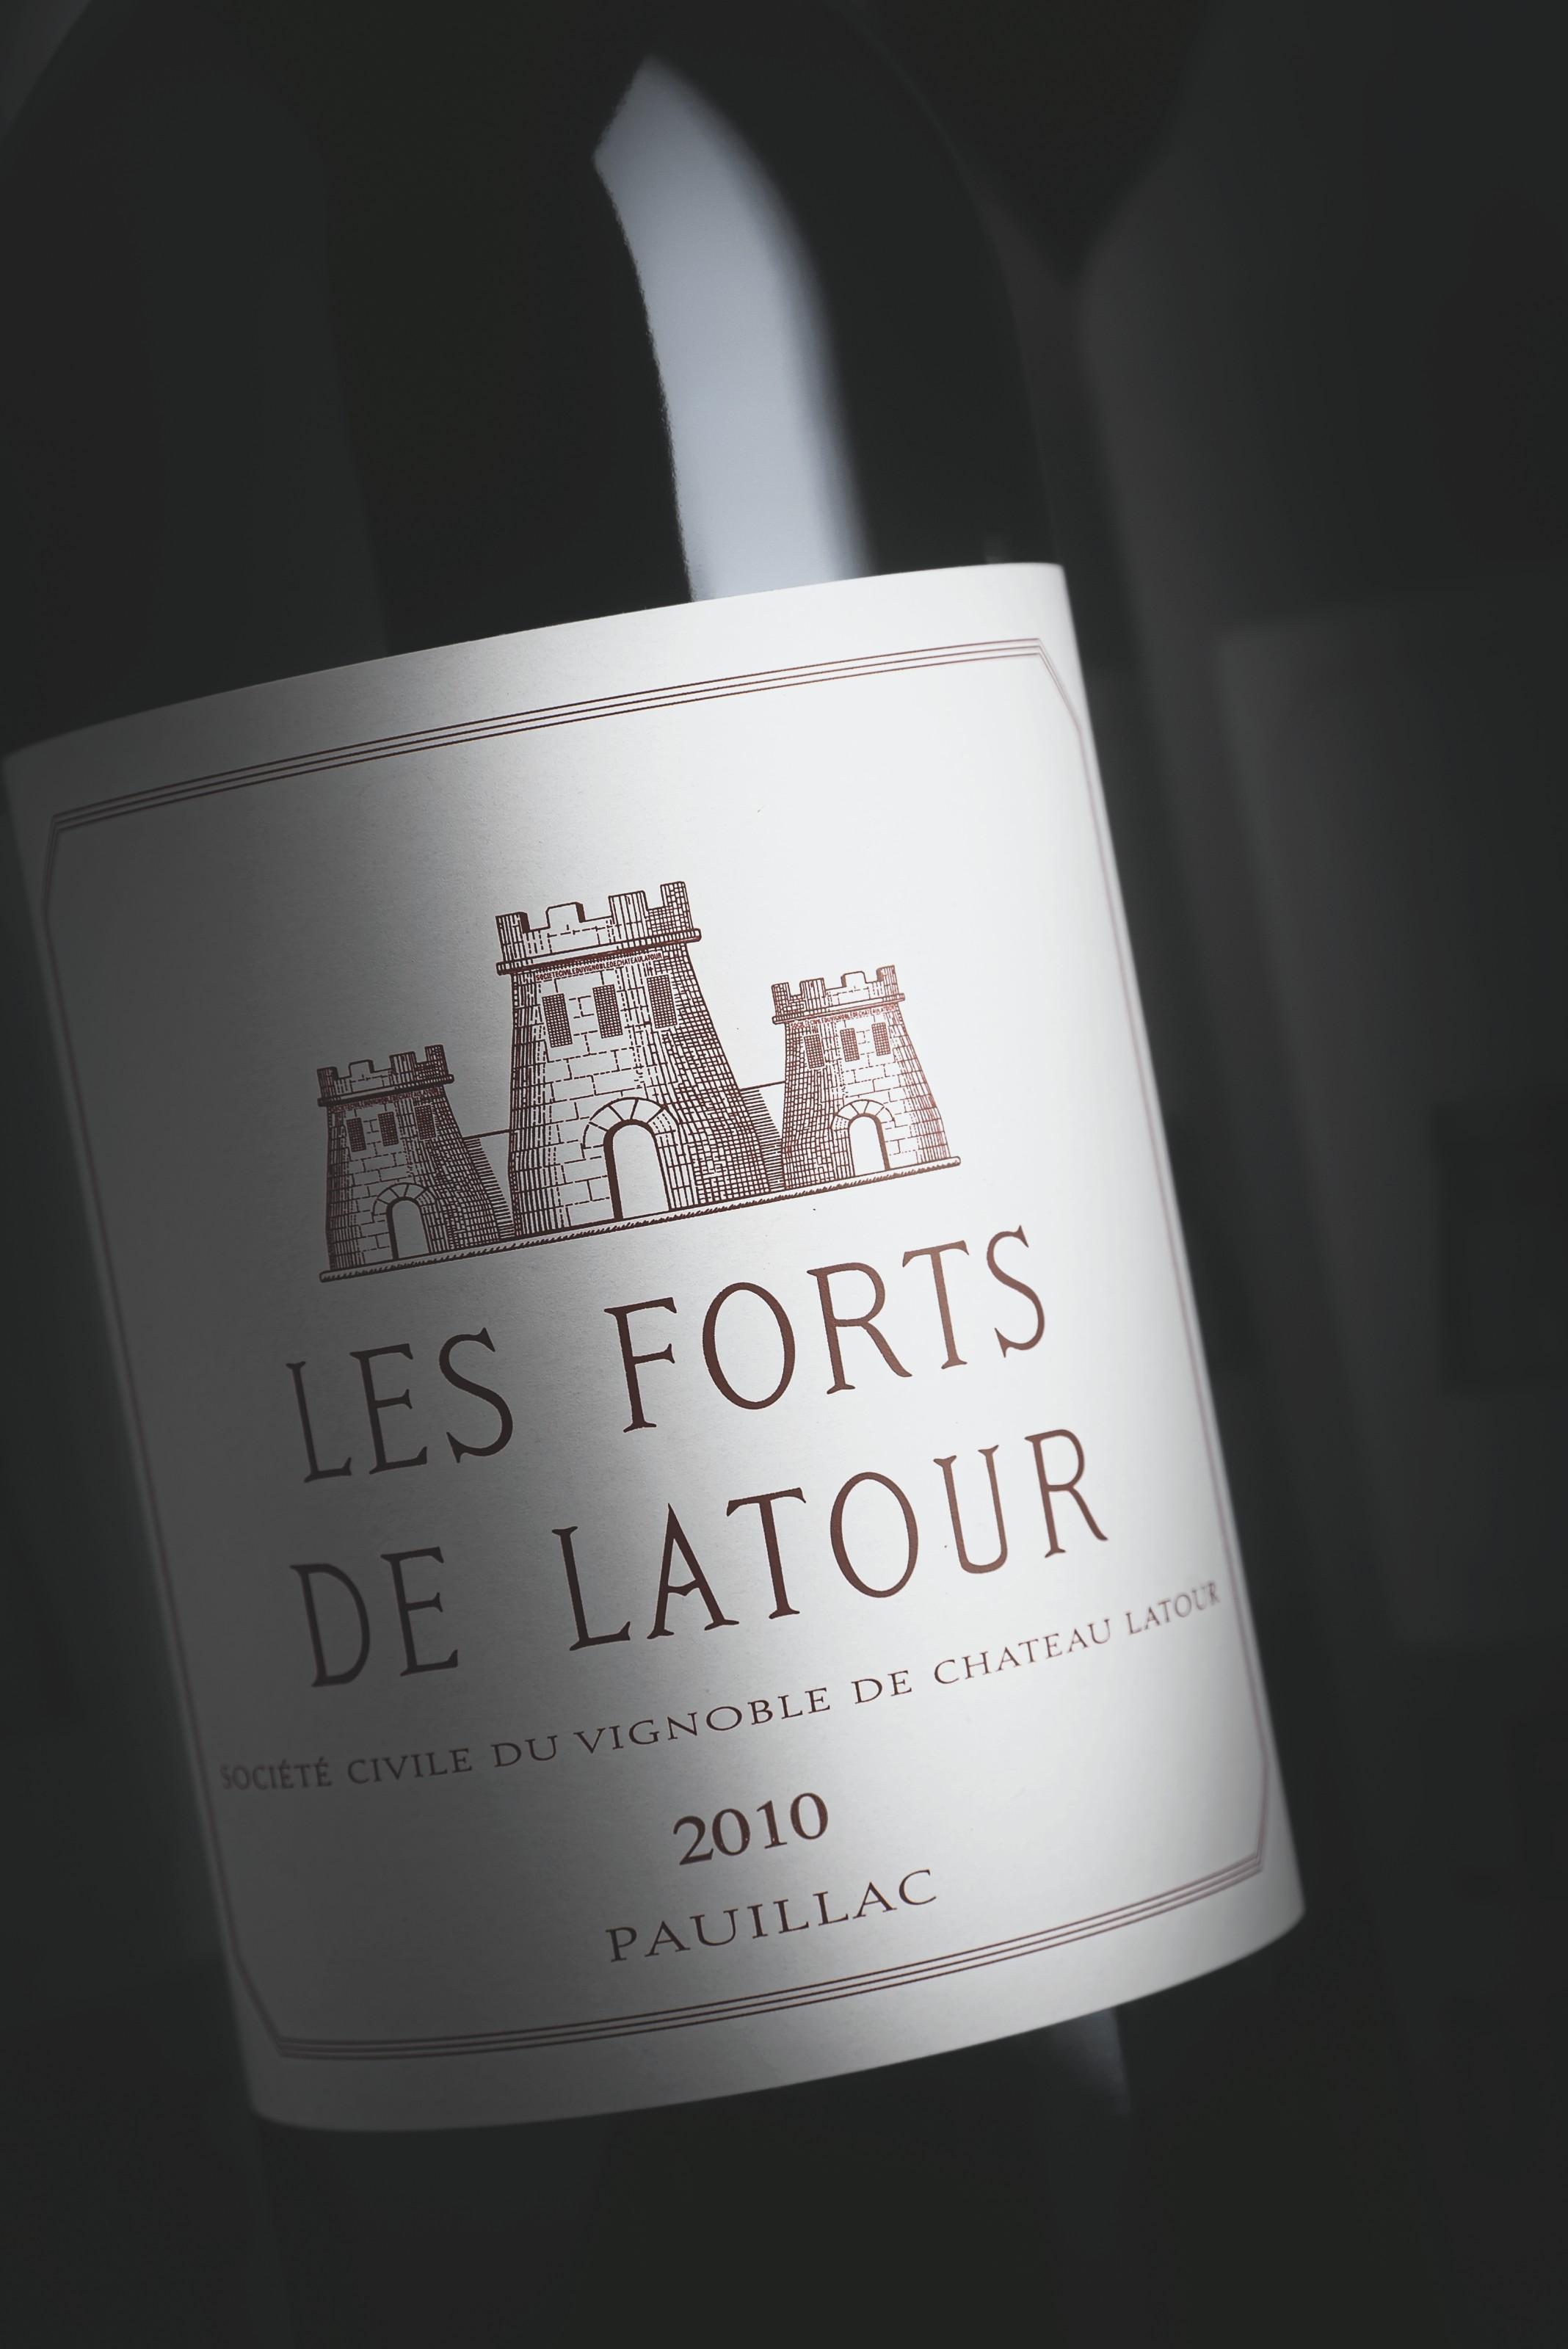 Les Forts de Latour 2010